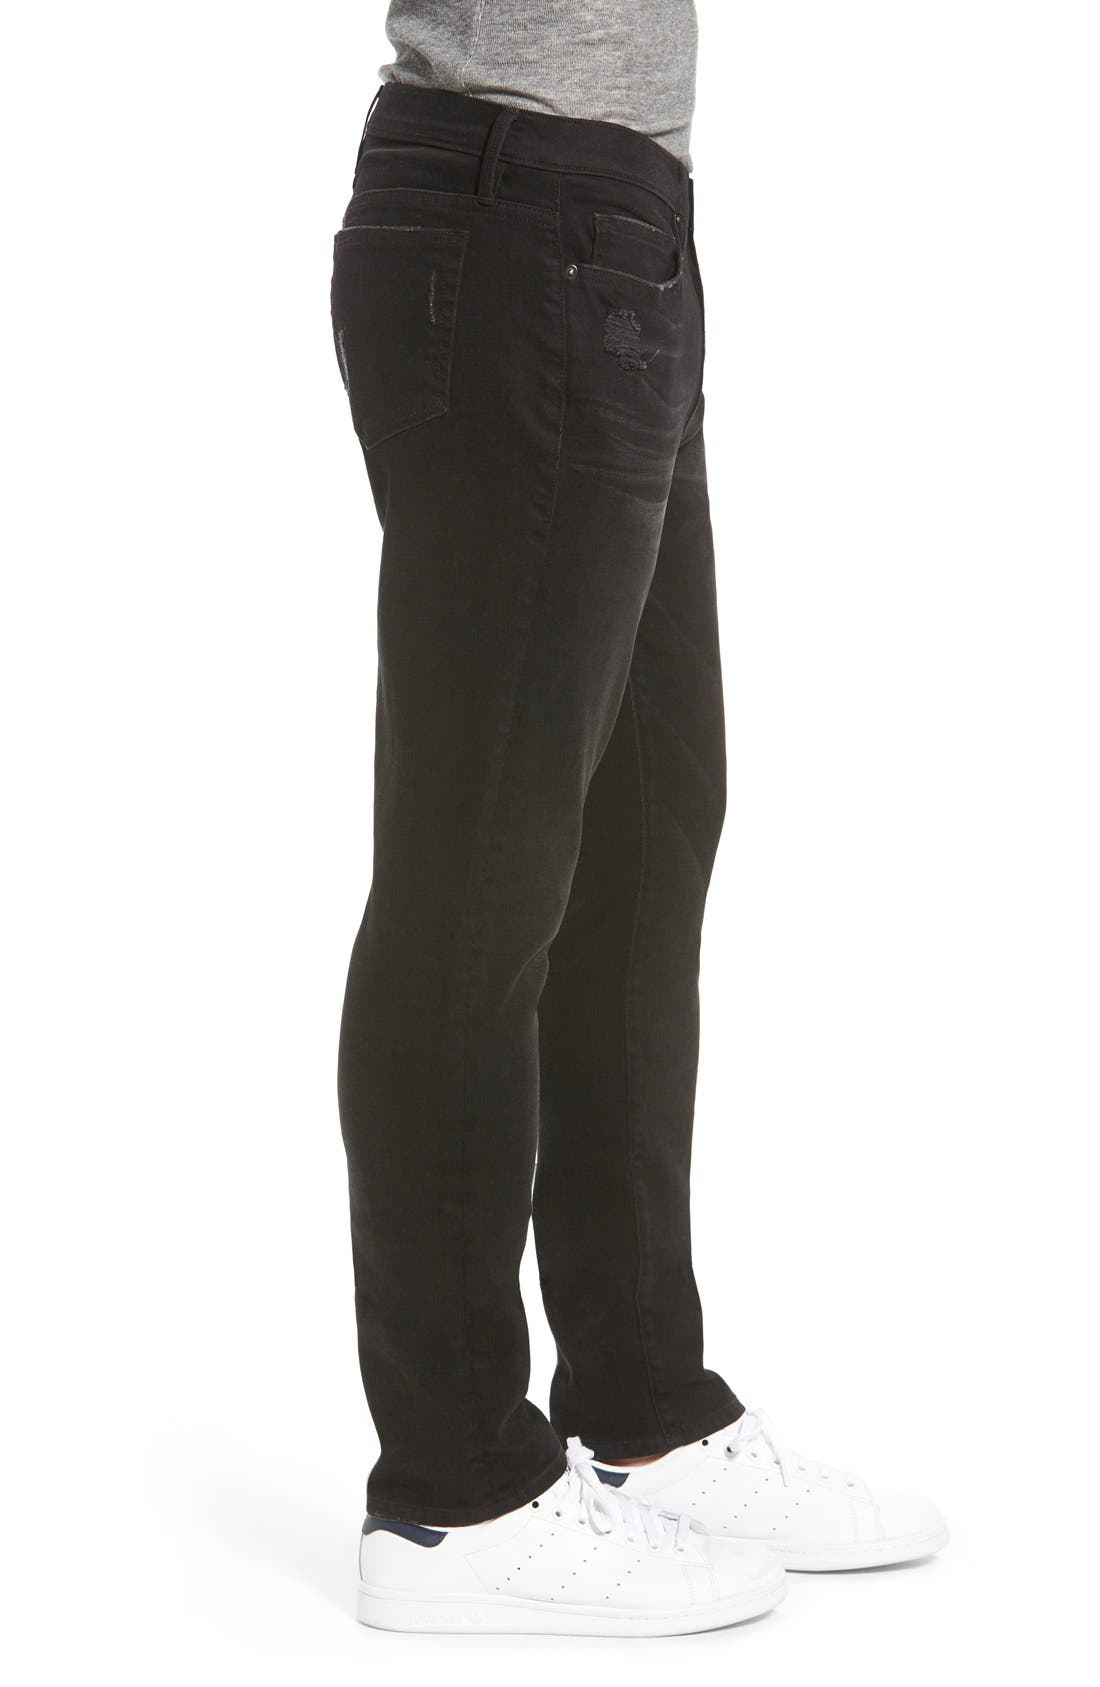 'L'Homme' Slim Fit Jeans,                             Alternate thumbnail 2, color,                             001